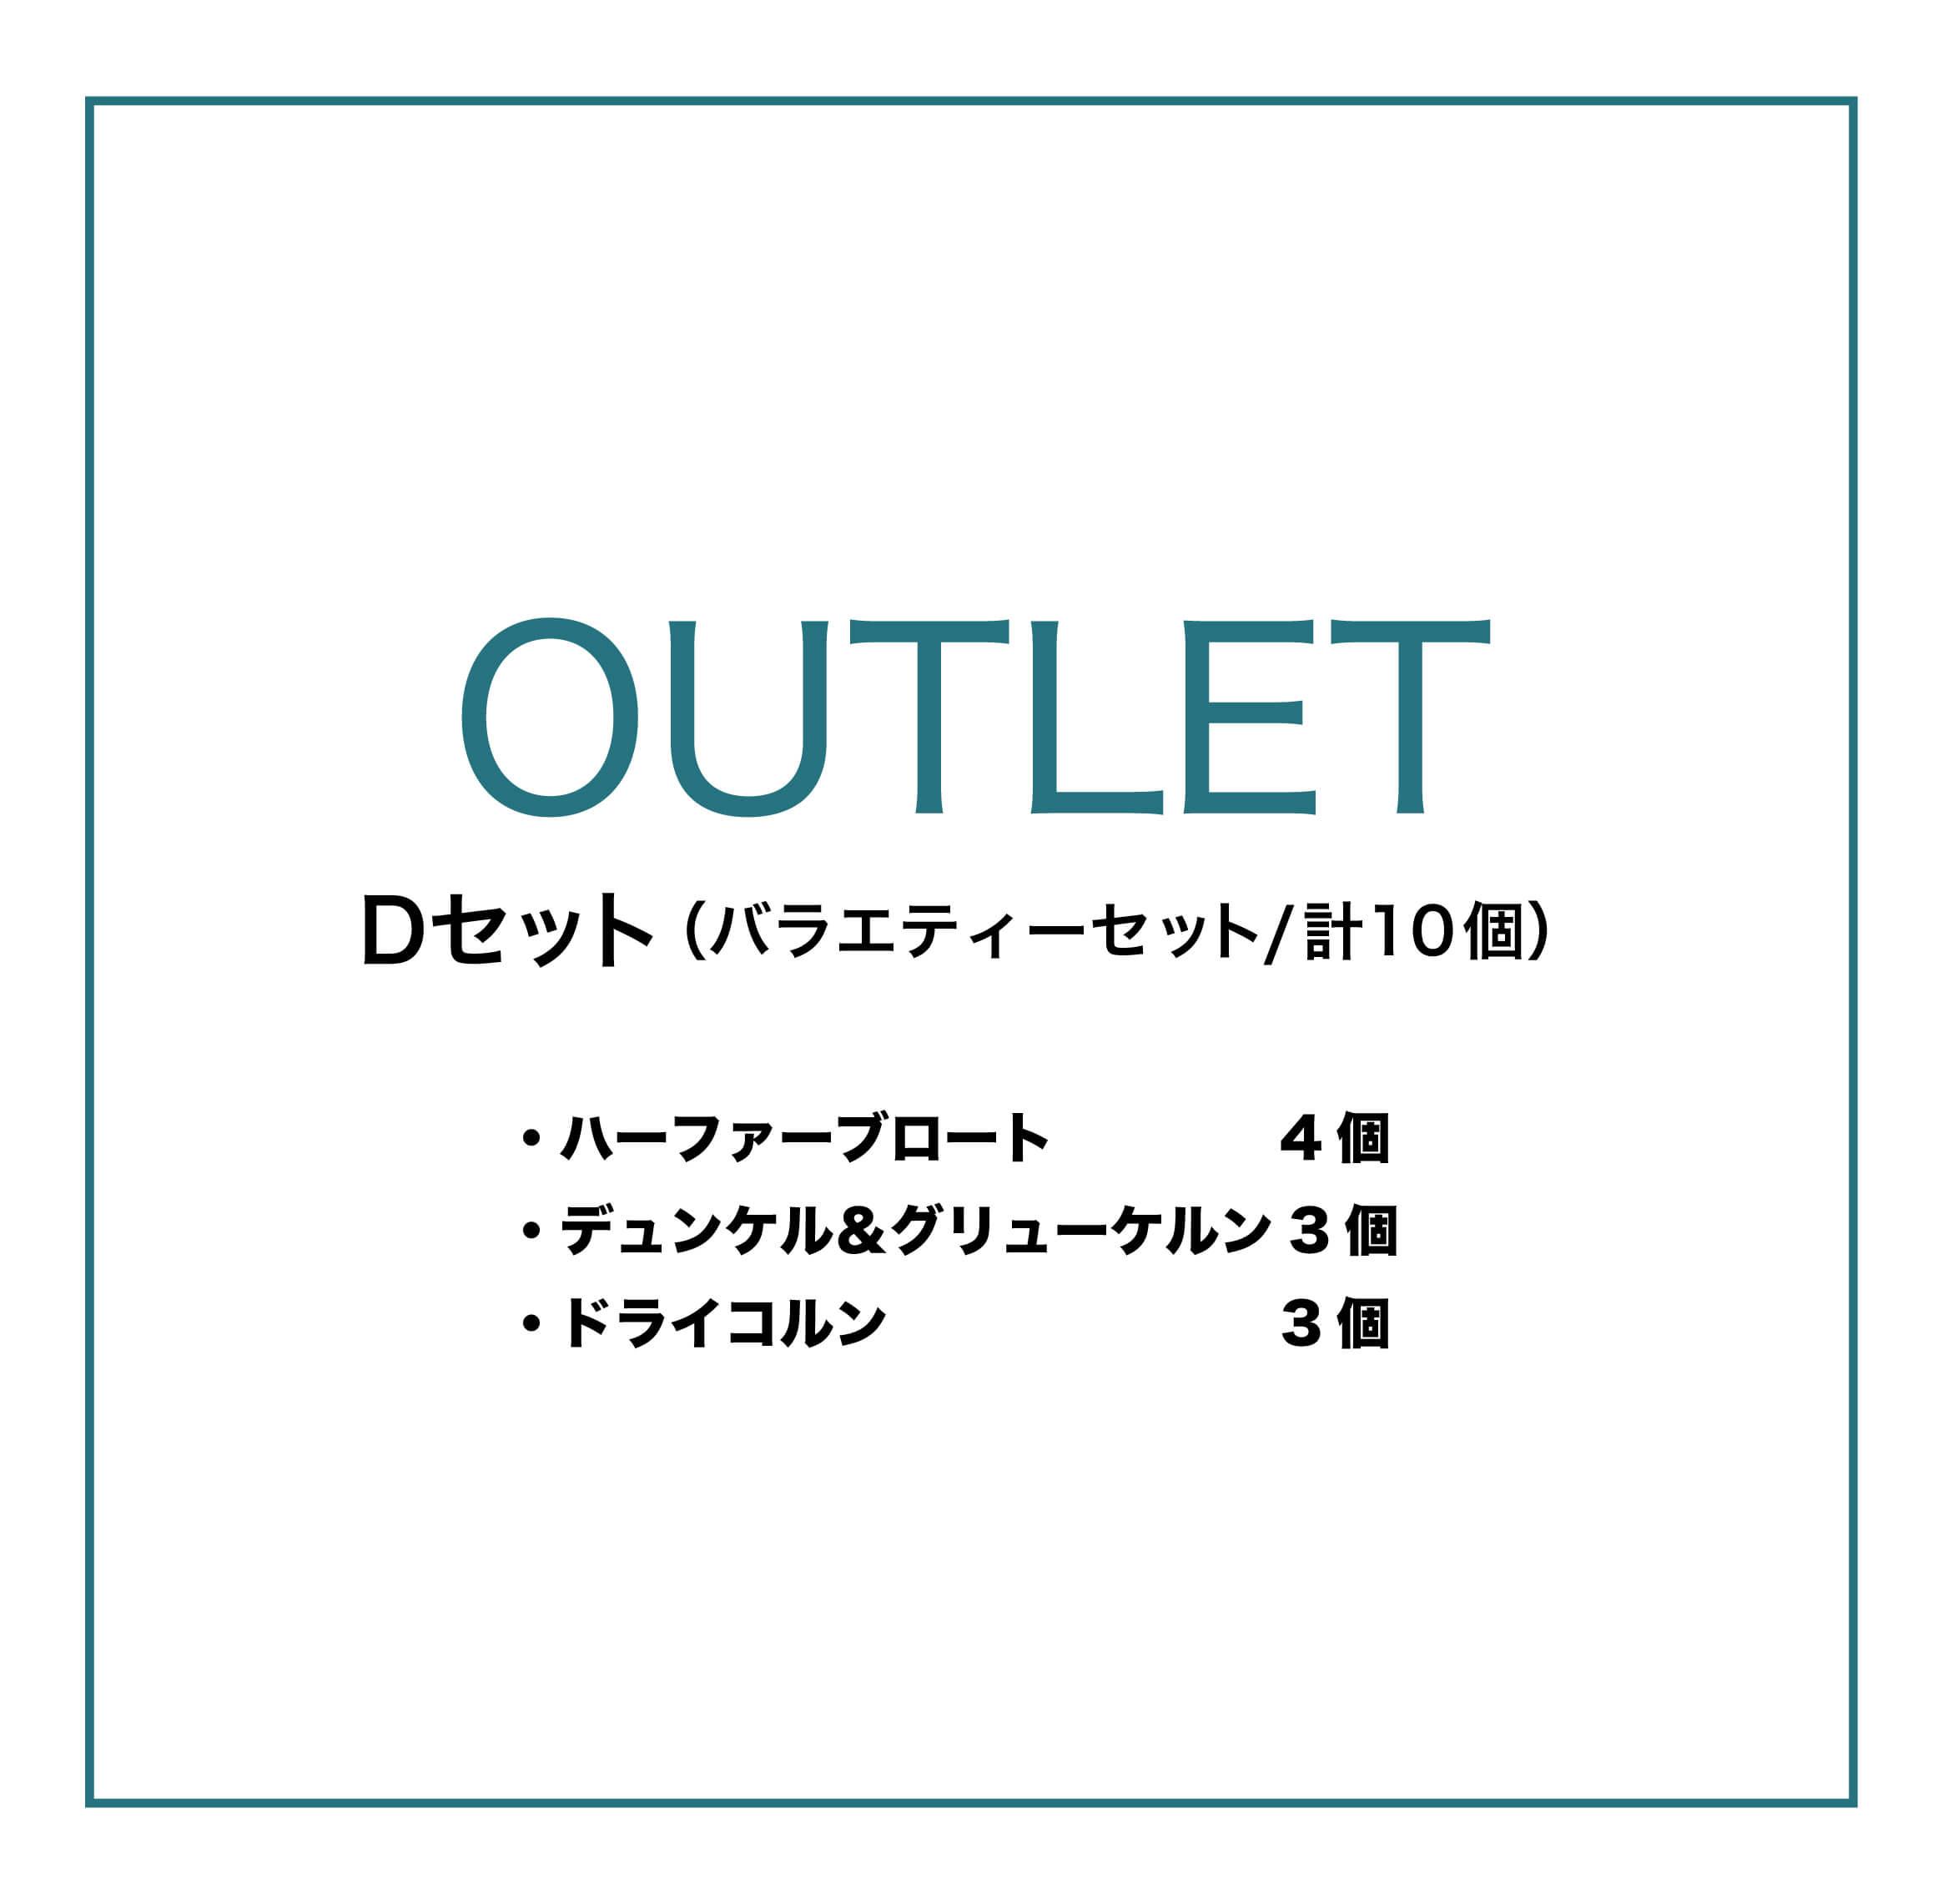 OUTLET_D